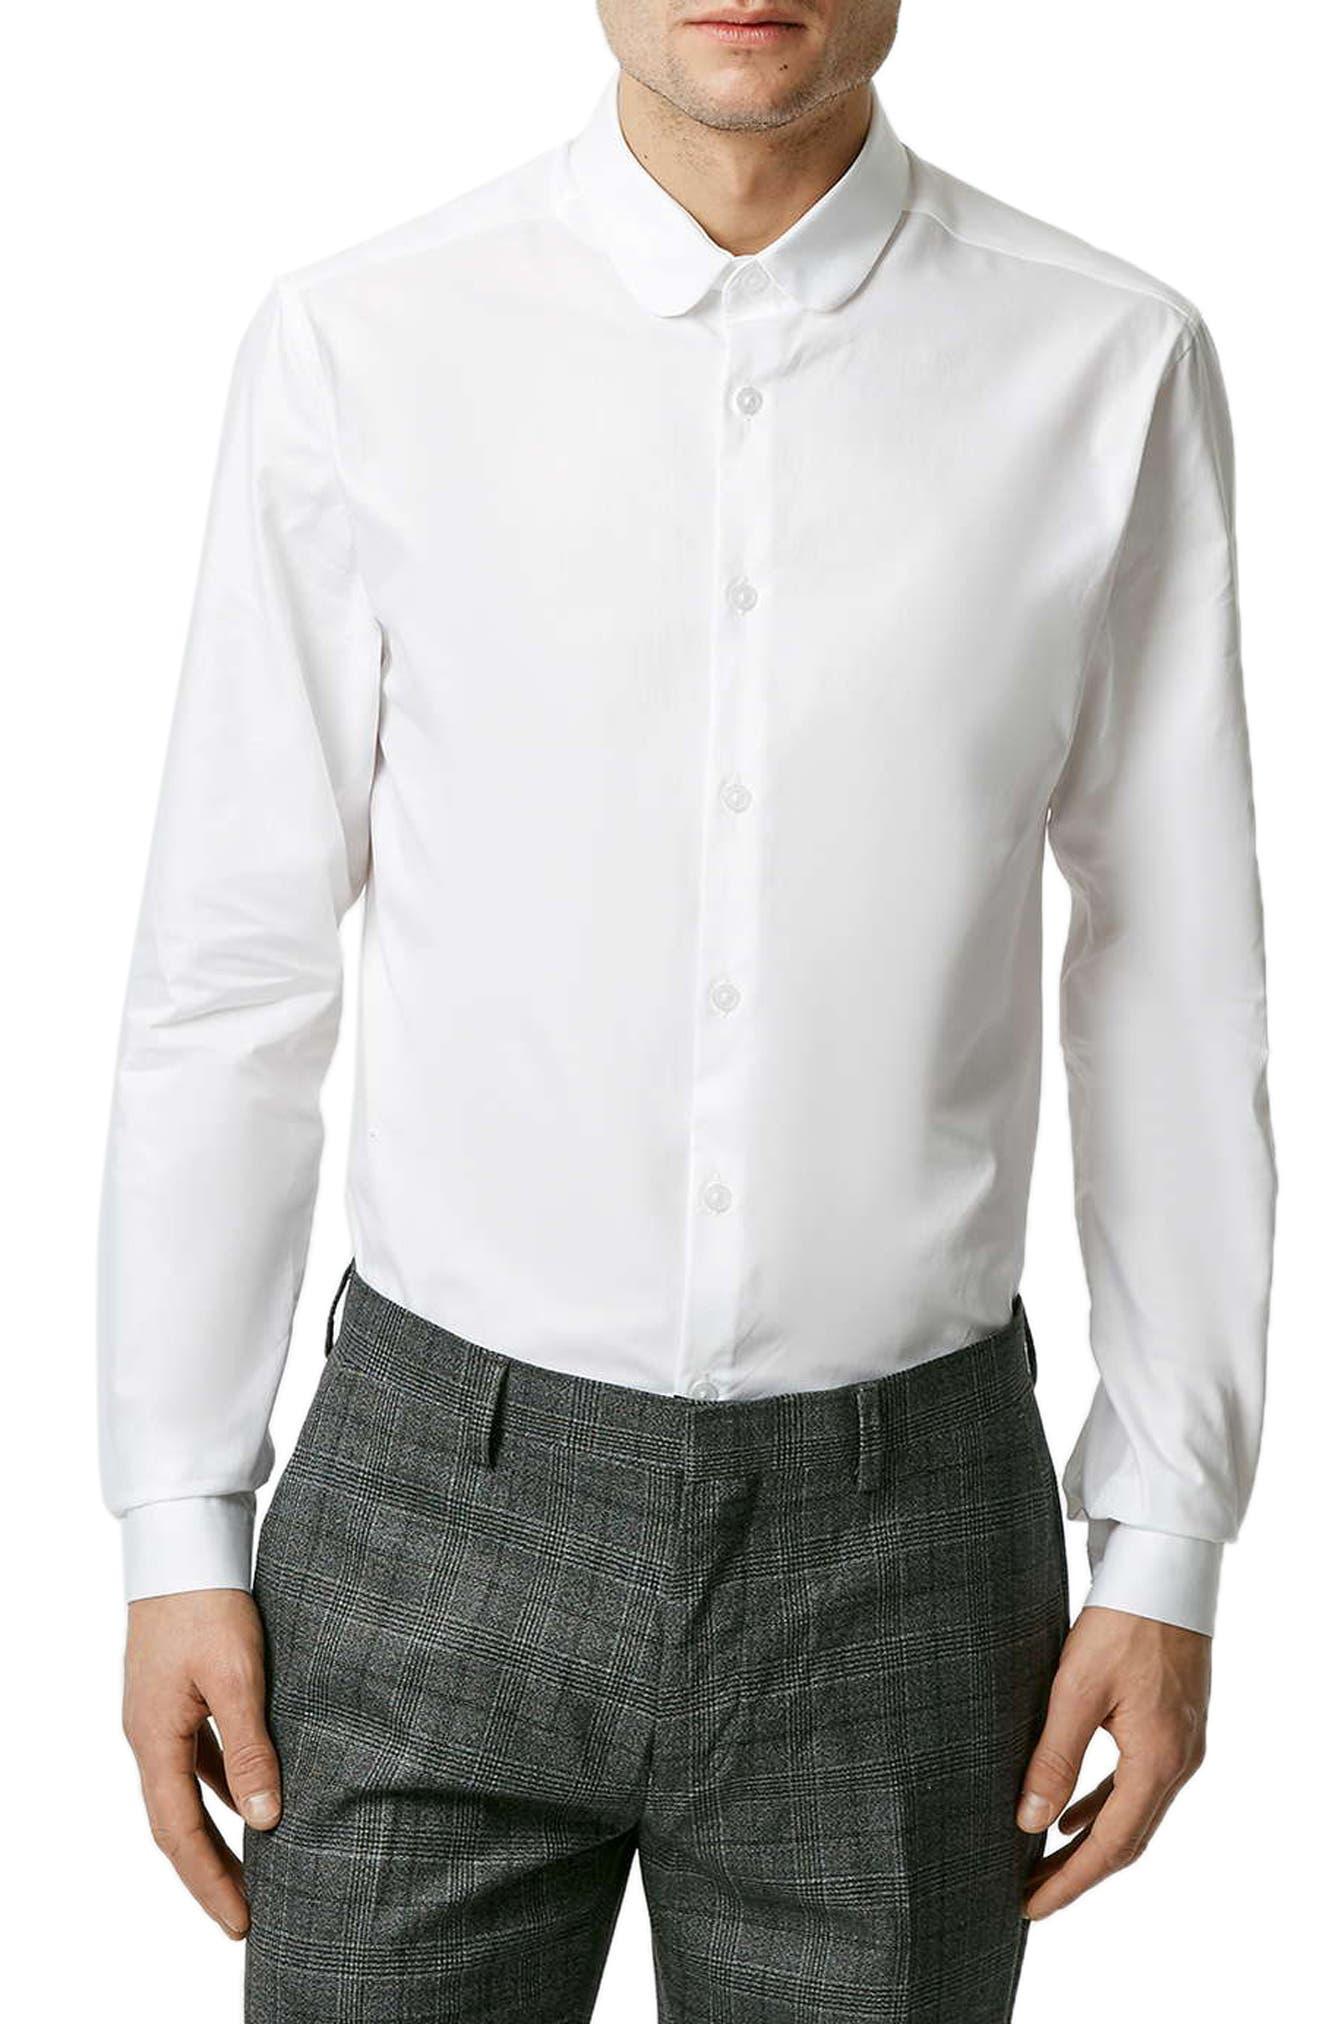 Penny Collar Shirt,                             Main thumbnail 1, color,                             100